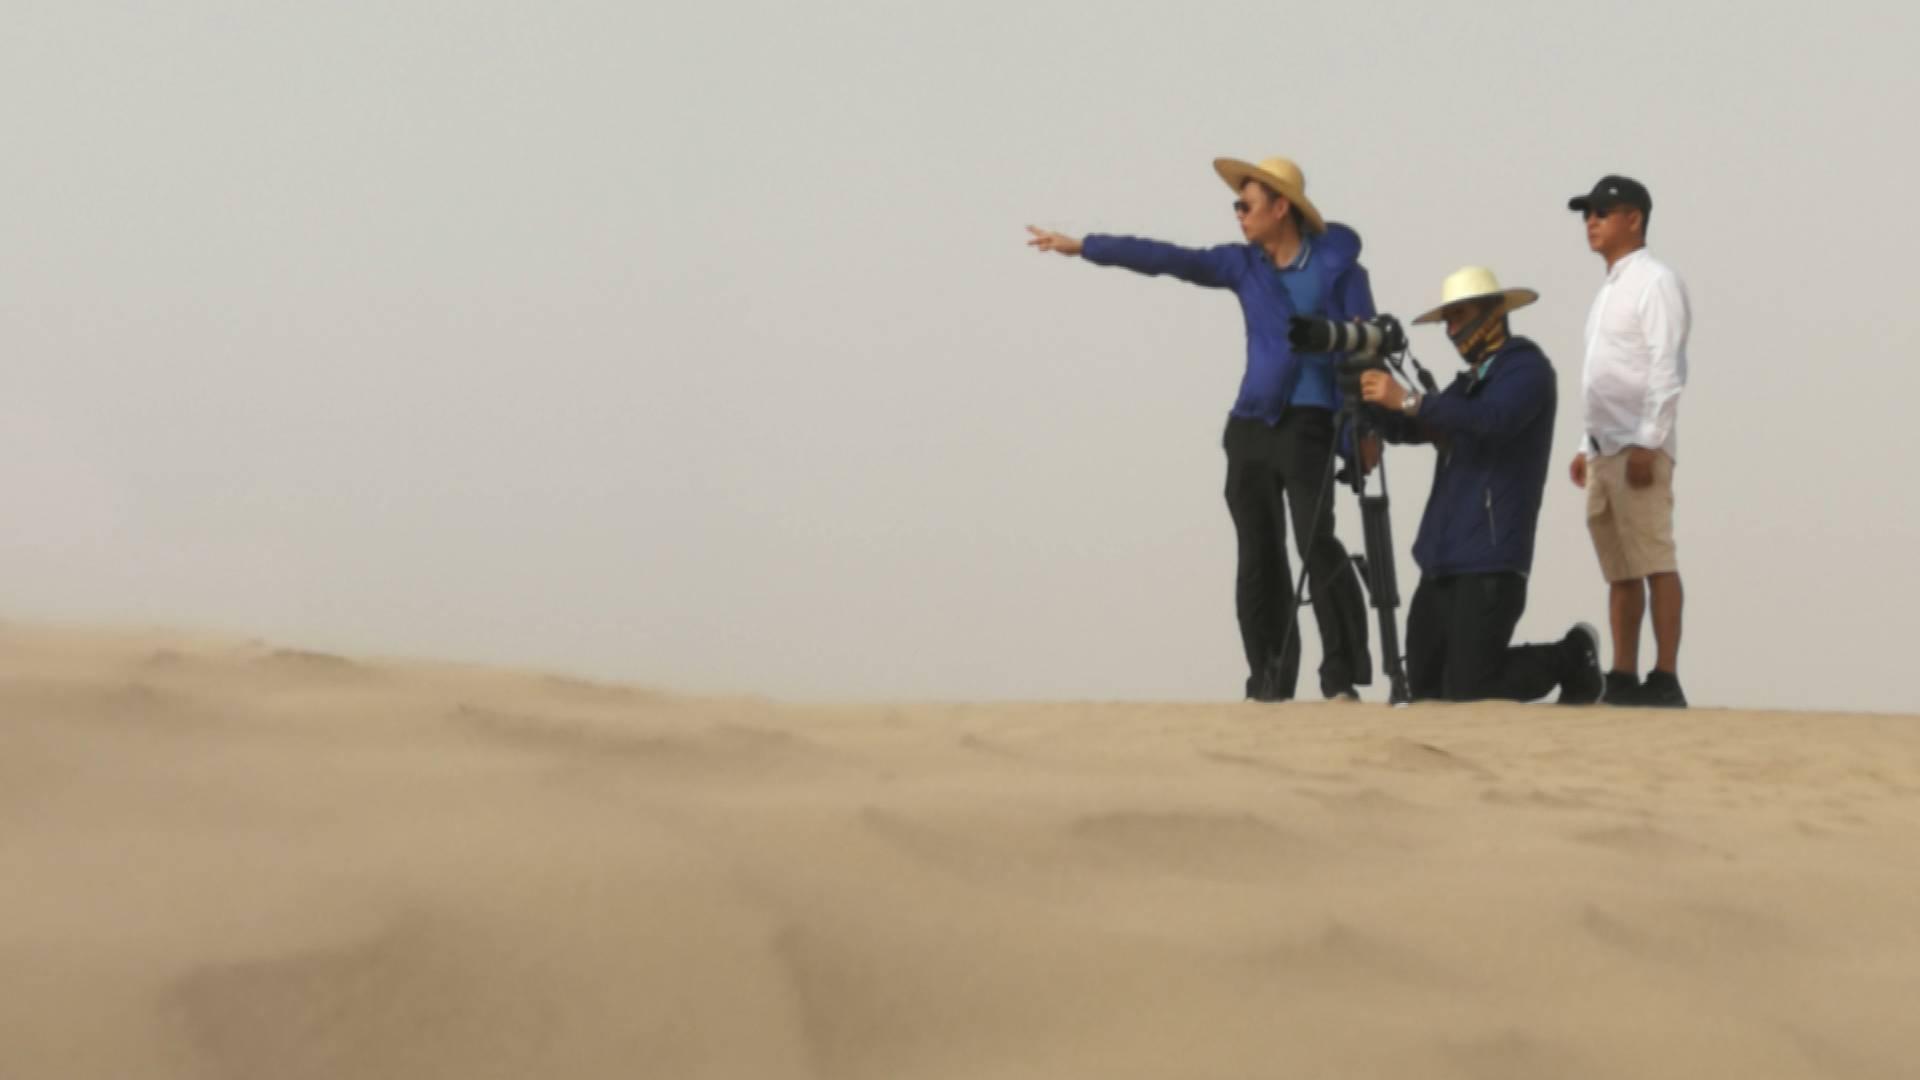 """冒60度高温在沙漠中采访海水稻种植 山东台记者这样打造""""硬核内容"""""""